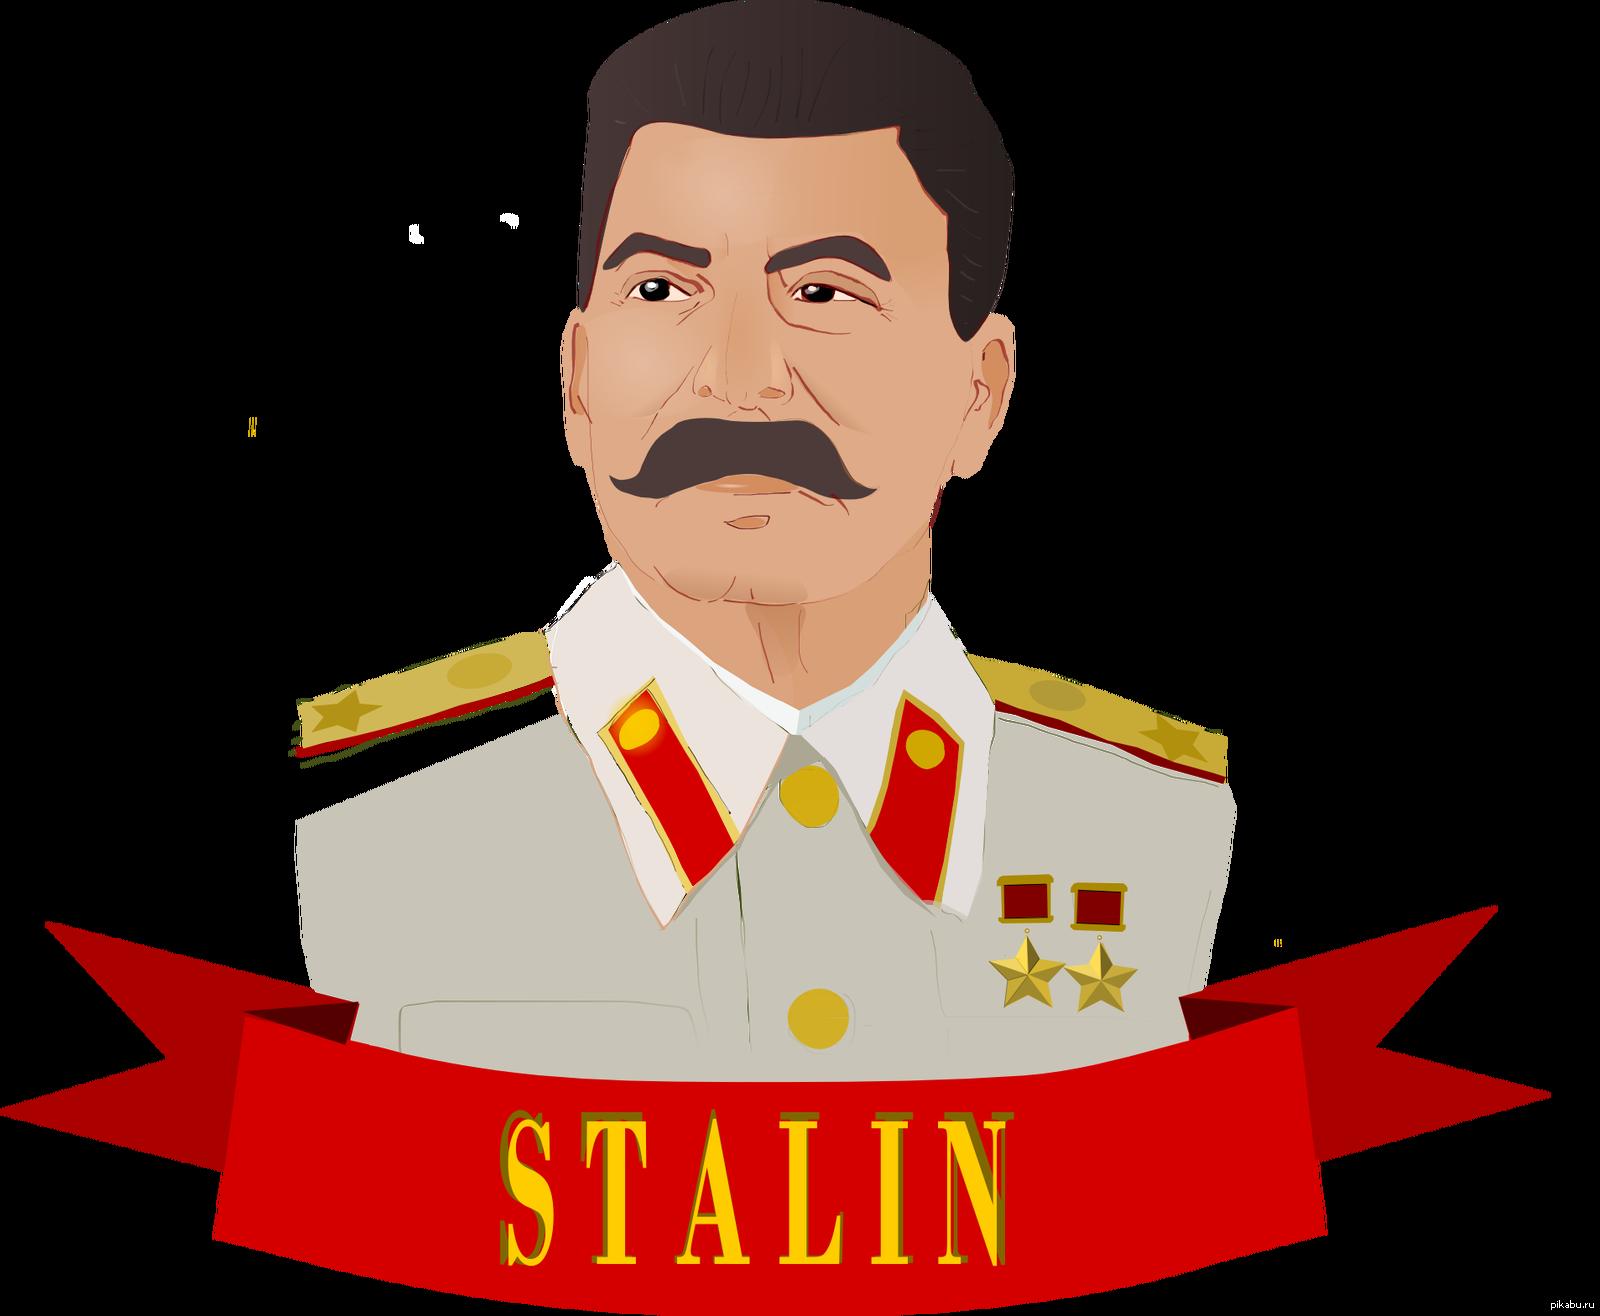 Stalin png image purepng. Leader clipart political leader